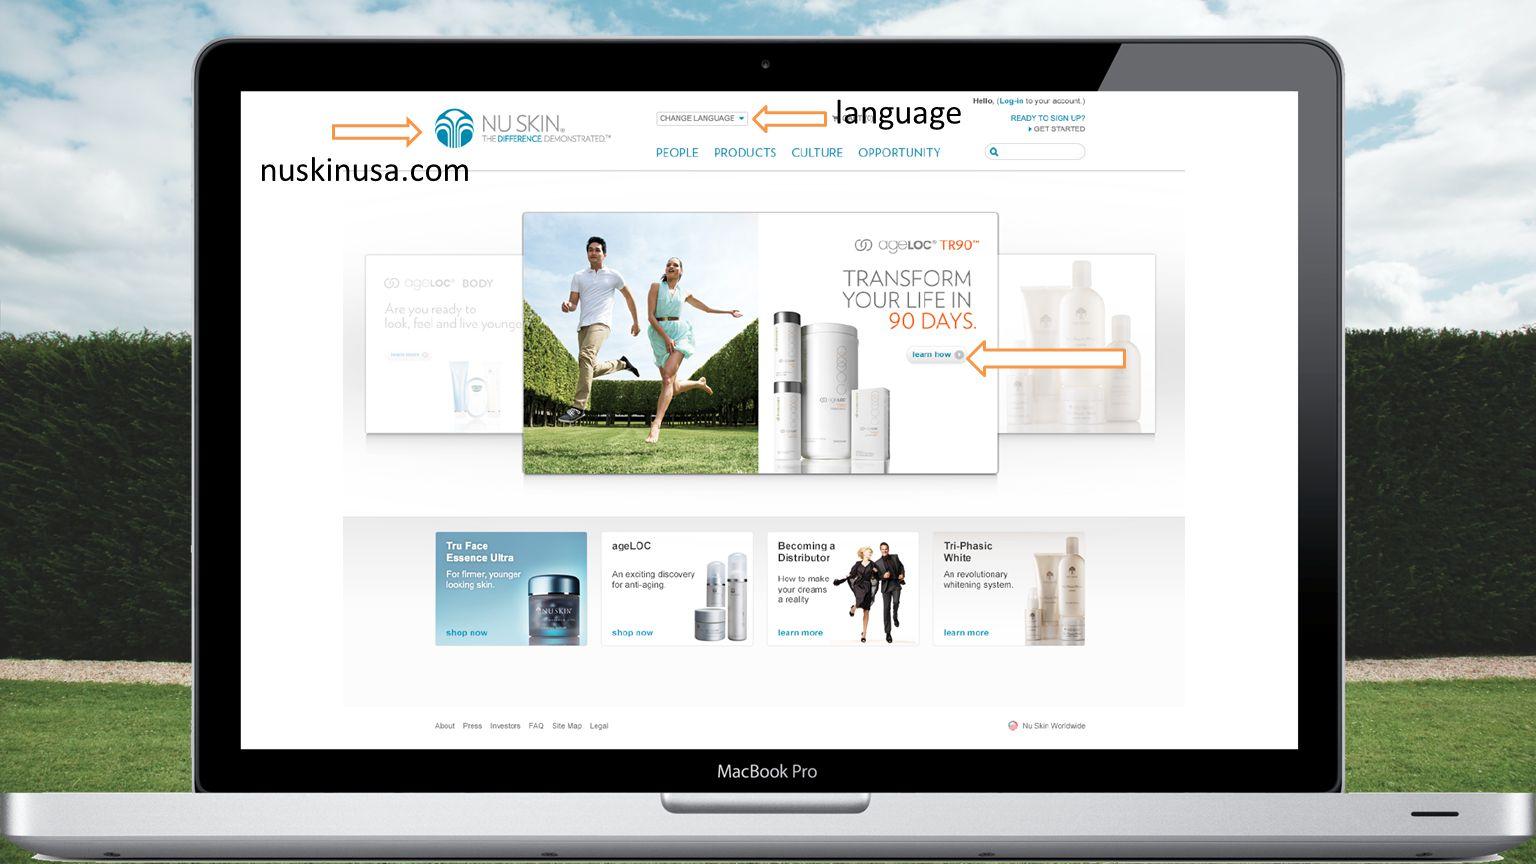 nuskinusa.com language